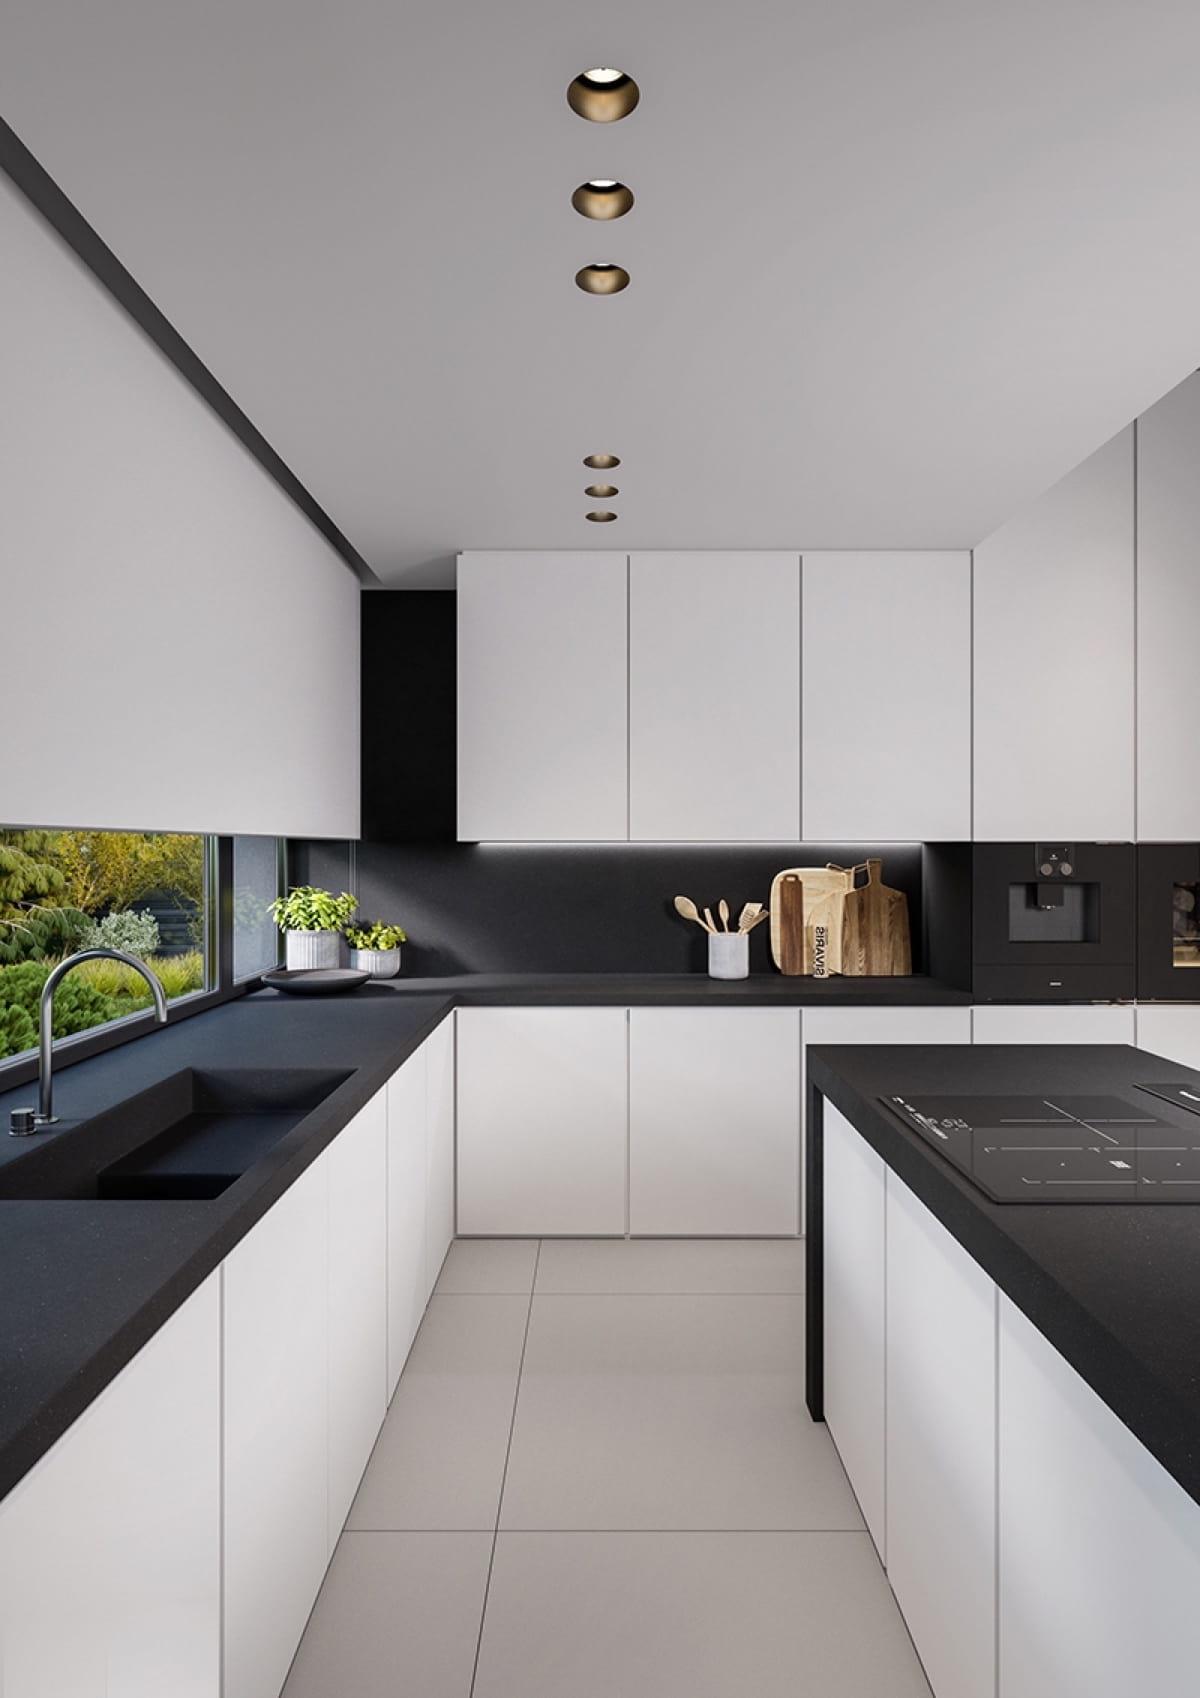 Une sélection réussie de luminaires dans l'aménagement intérieur d'une cuisine étroite